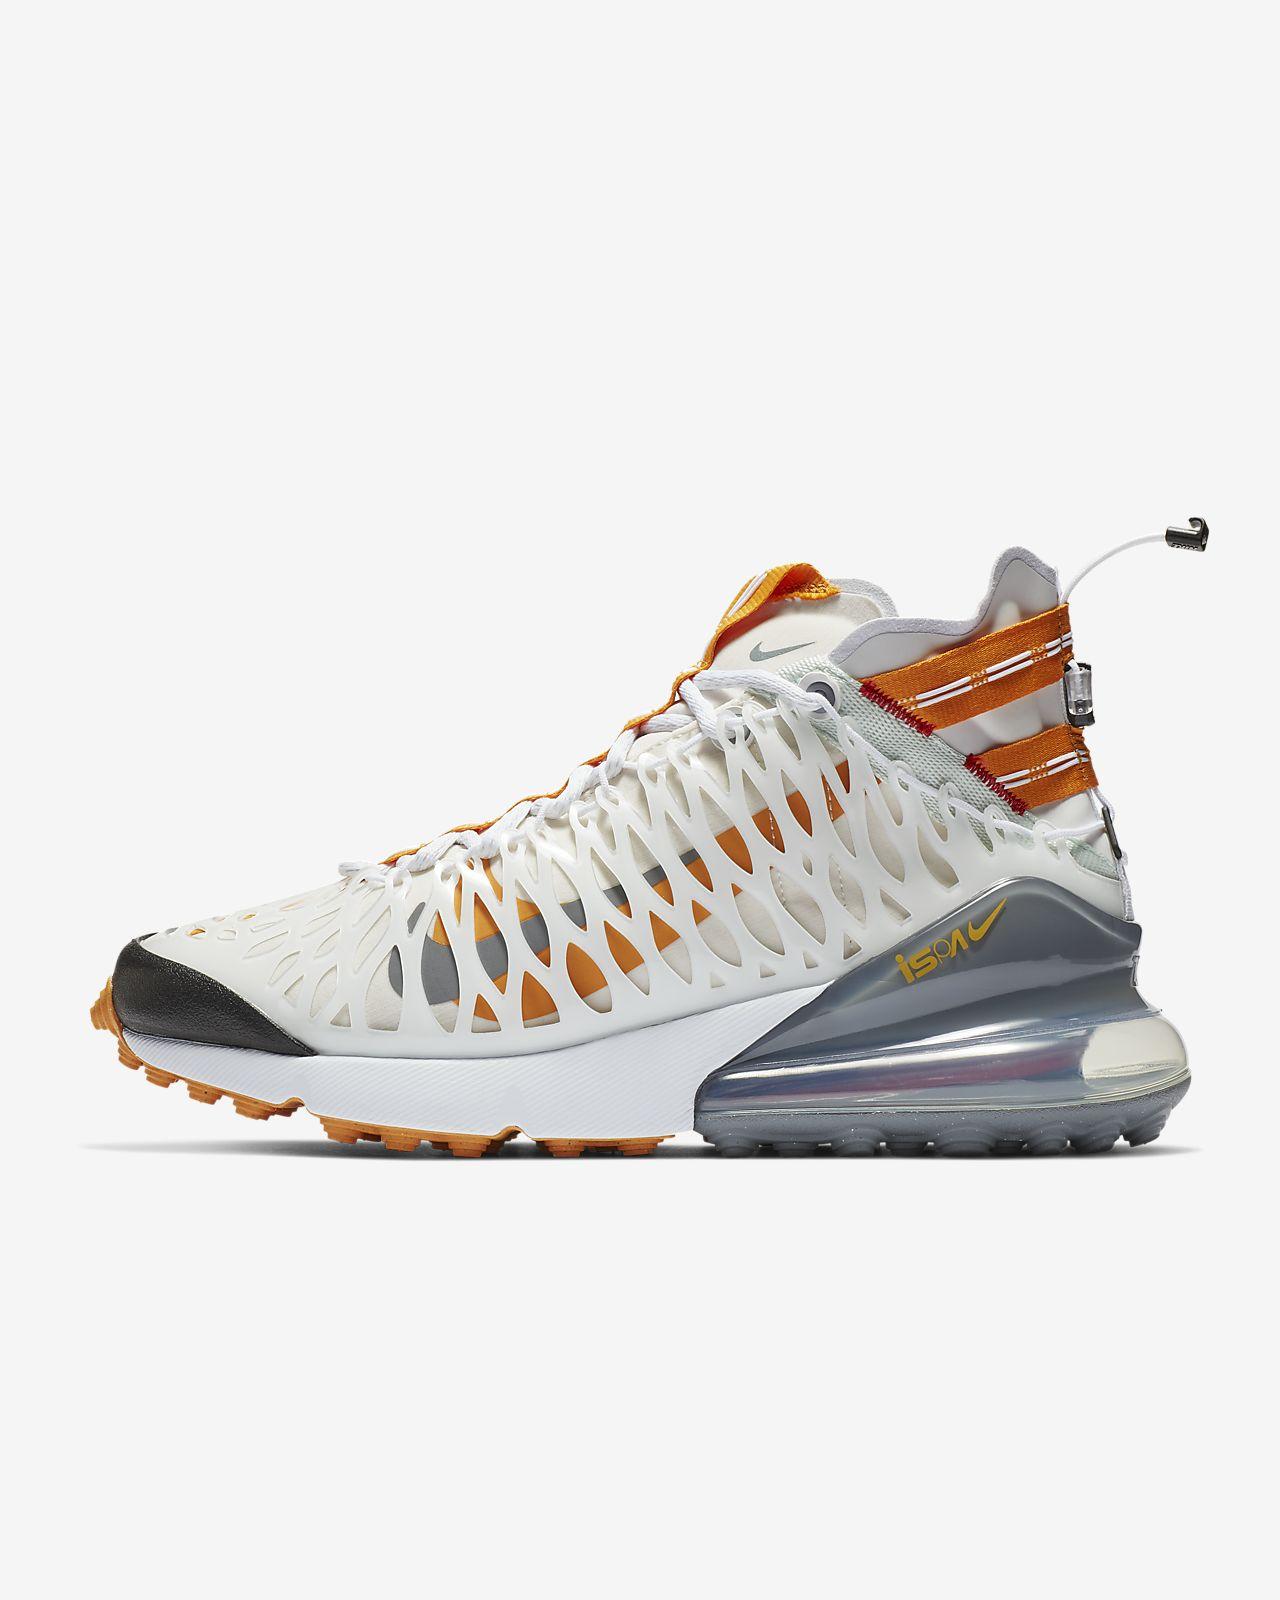 Nike ISPA Air Max 270 Men's Shoe